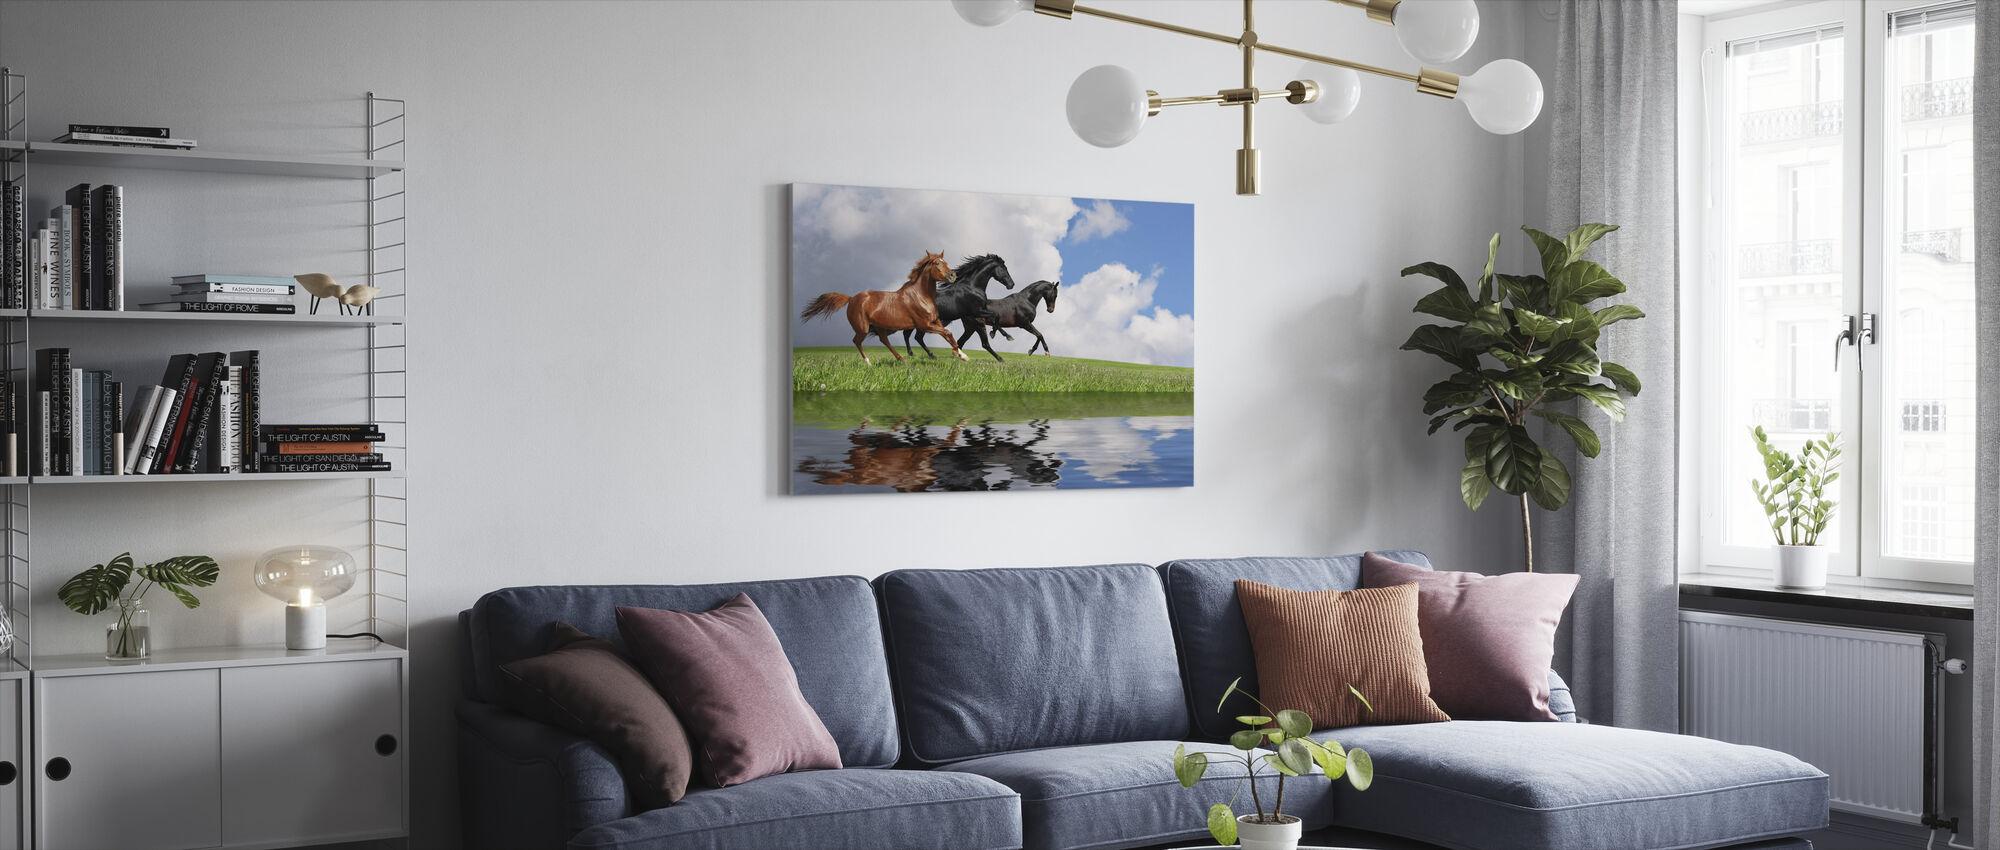 Gallop Horses - Canvas print - Living Room